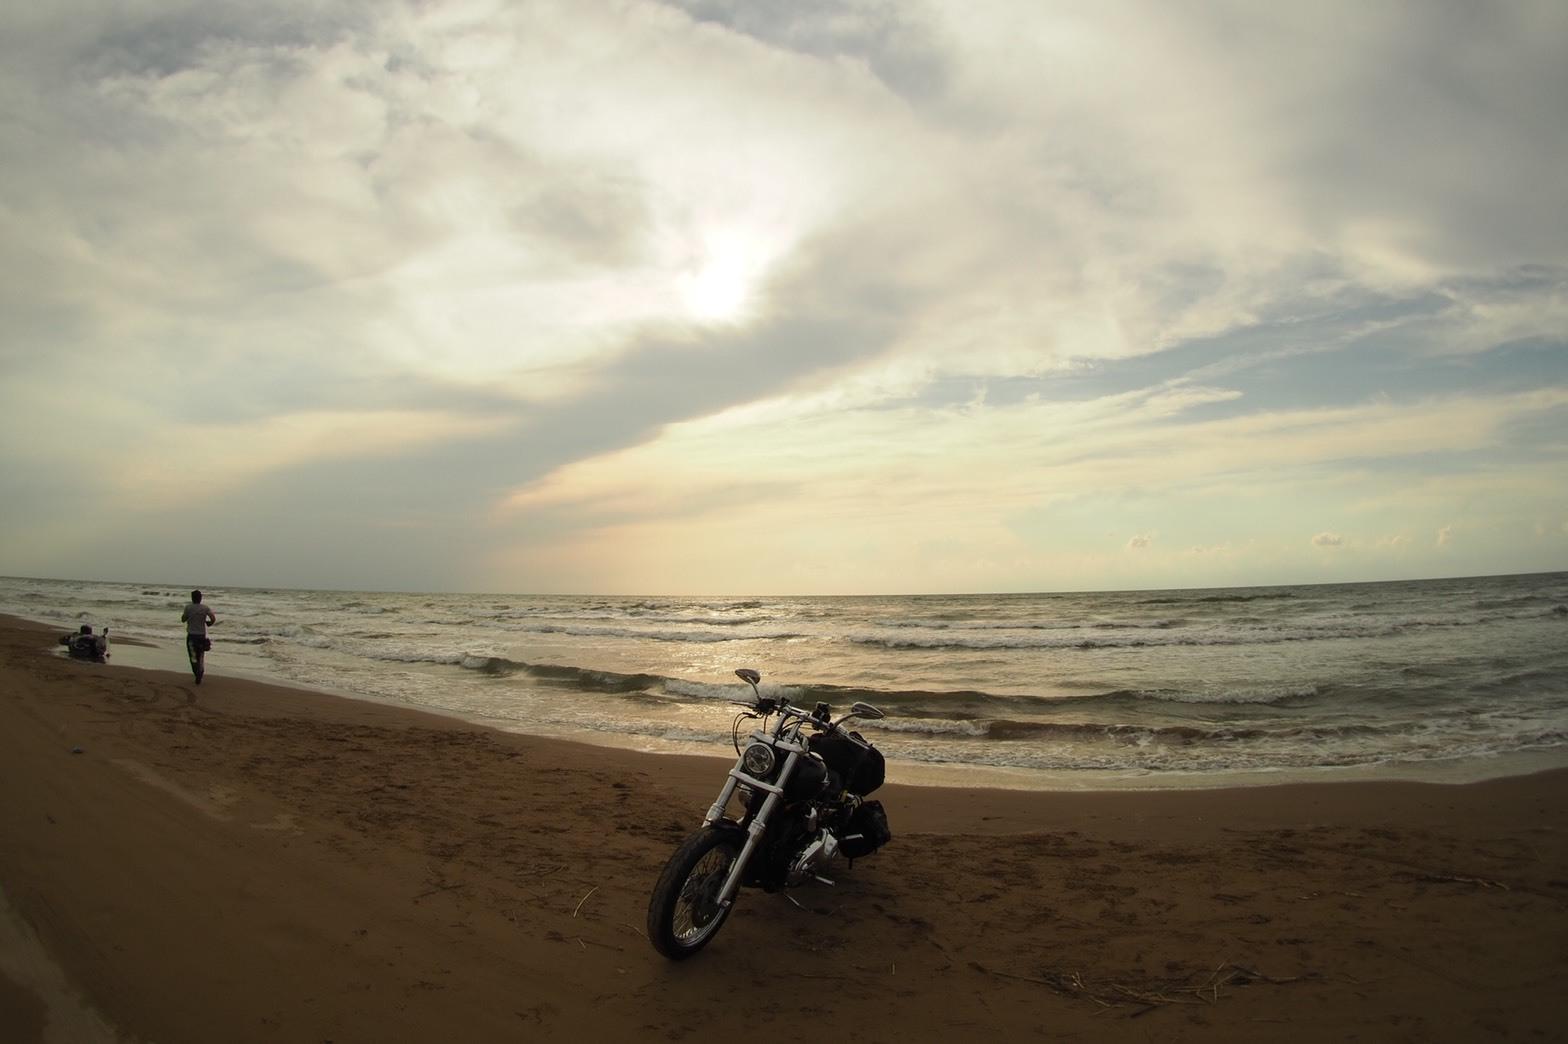 ぴーきちハーレーブログ 福井金沢ツーリング 石川県 千里浜なぎさドライブウェイ シマゴンのバイクが倒れる